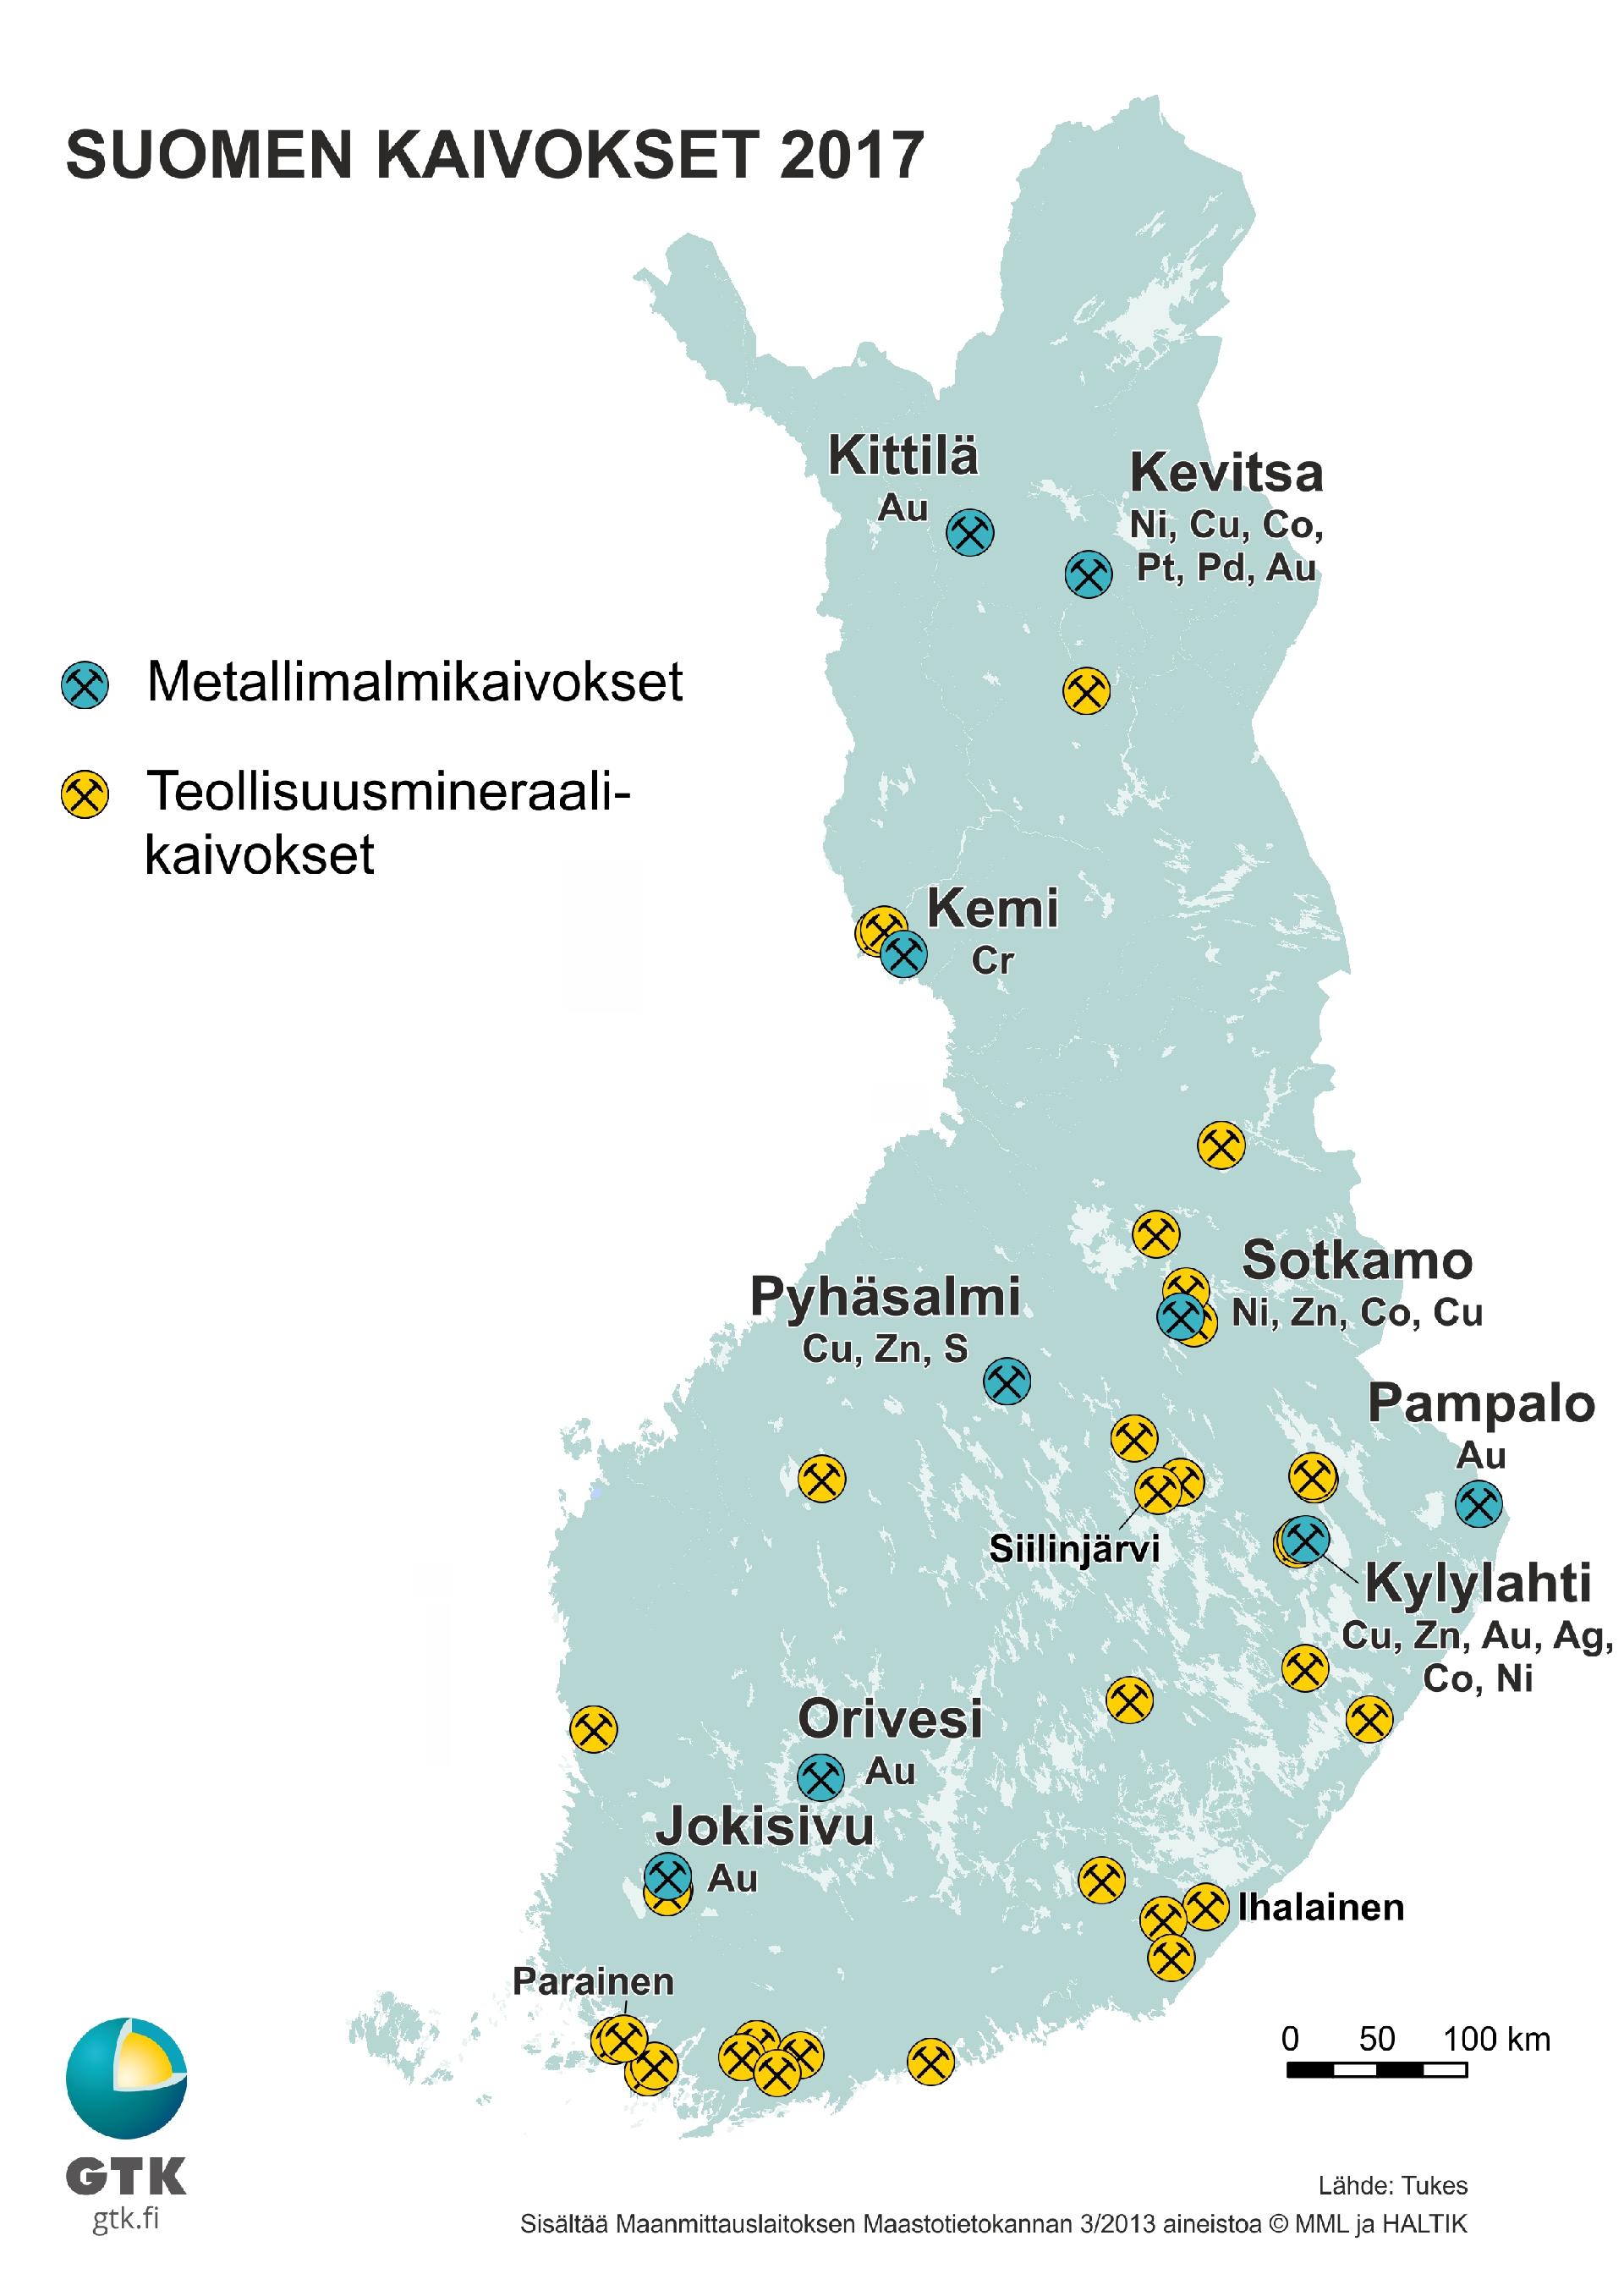 Suomen Kaivokset 2021